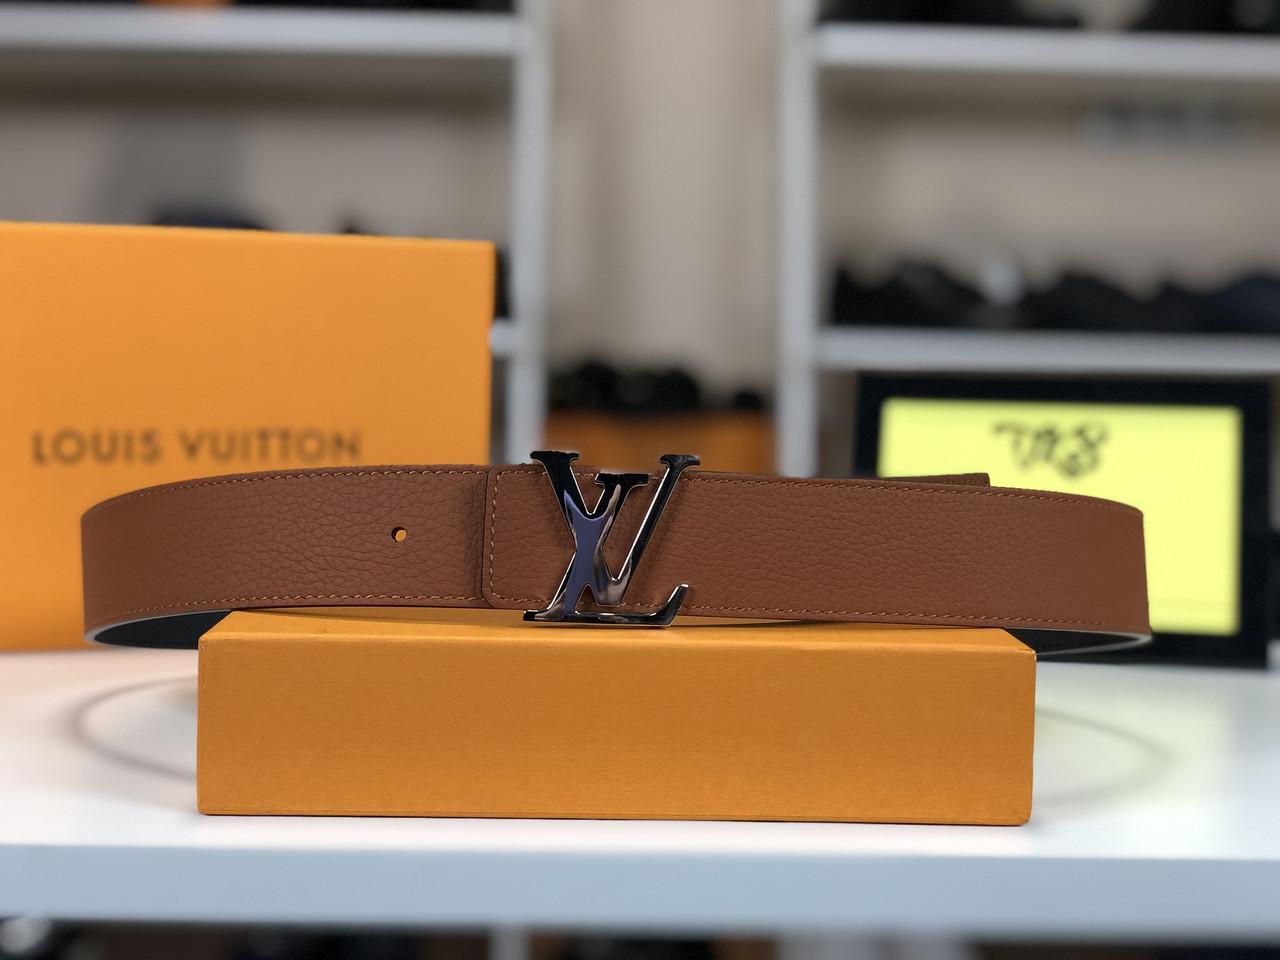 Двосторонній ремінь Louis Vuitton (Луї Віттон) арт. 61-08